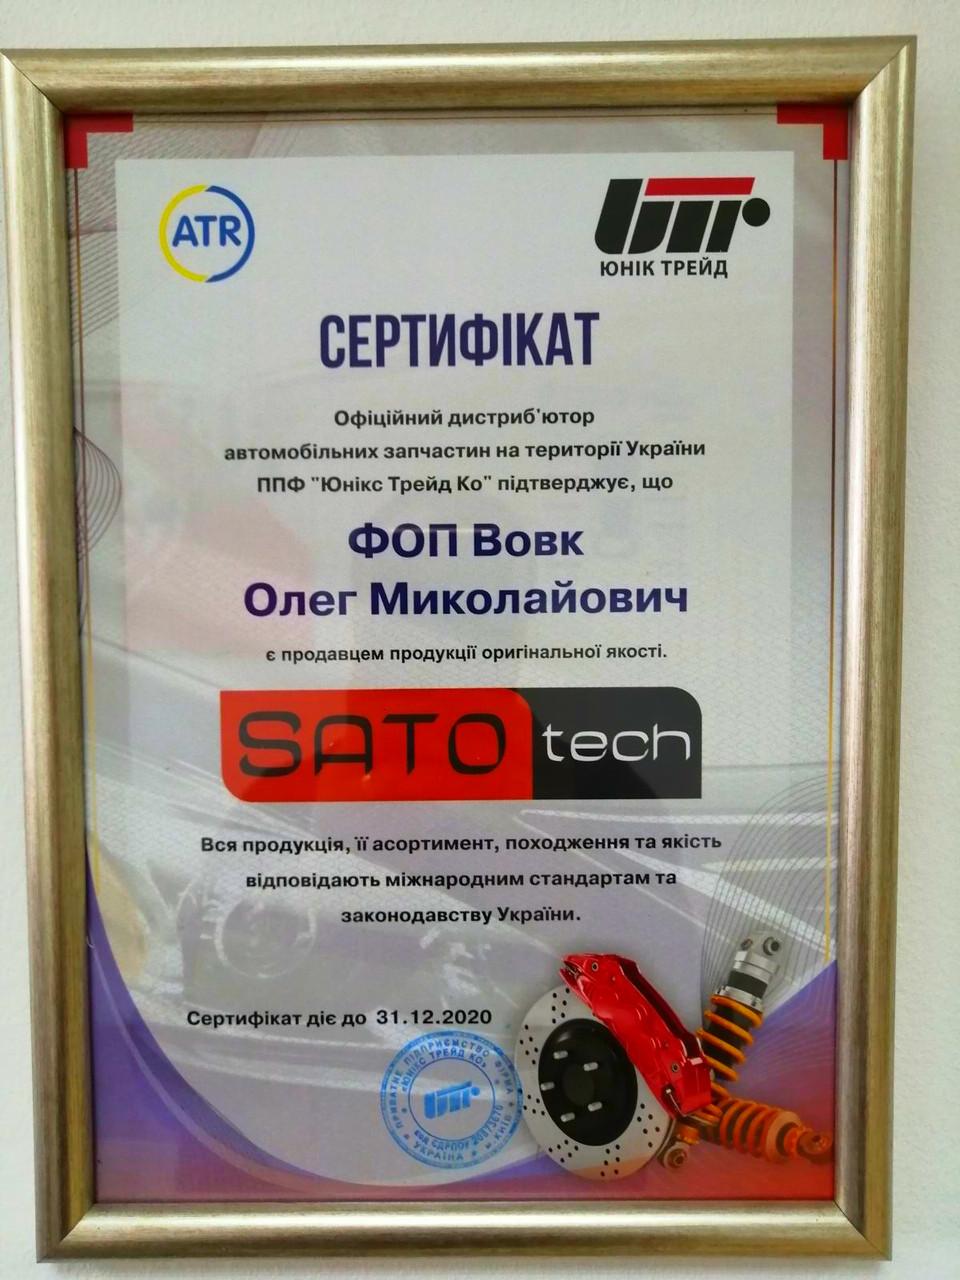 SATO Амортизатор Premium Smart Fortwo 07-